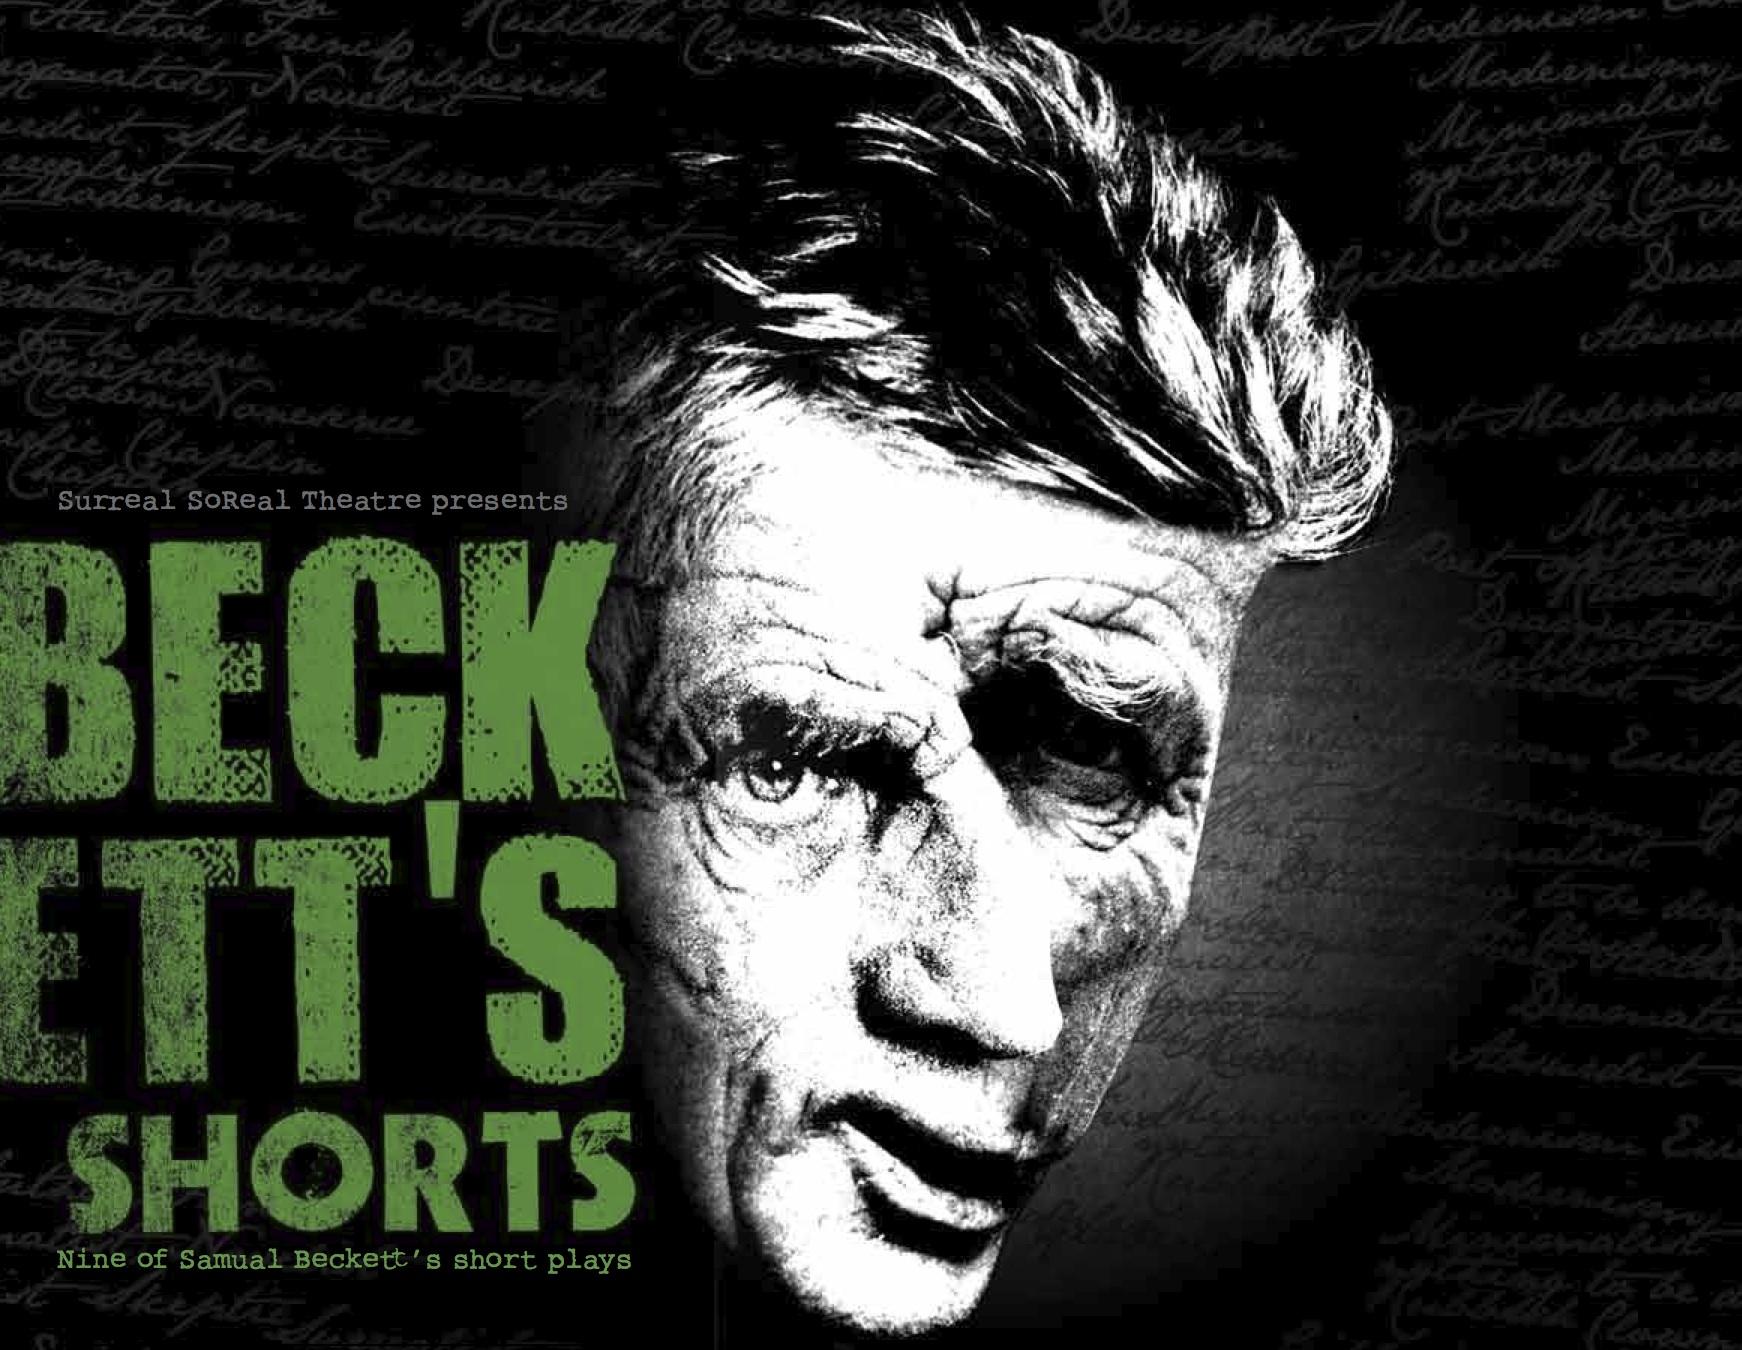 BECKETT'S SHORTS